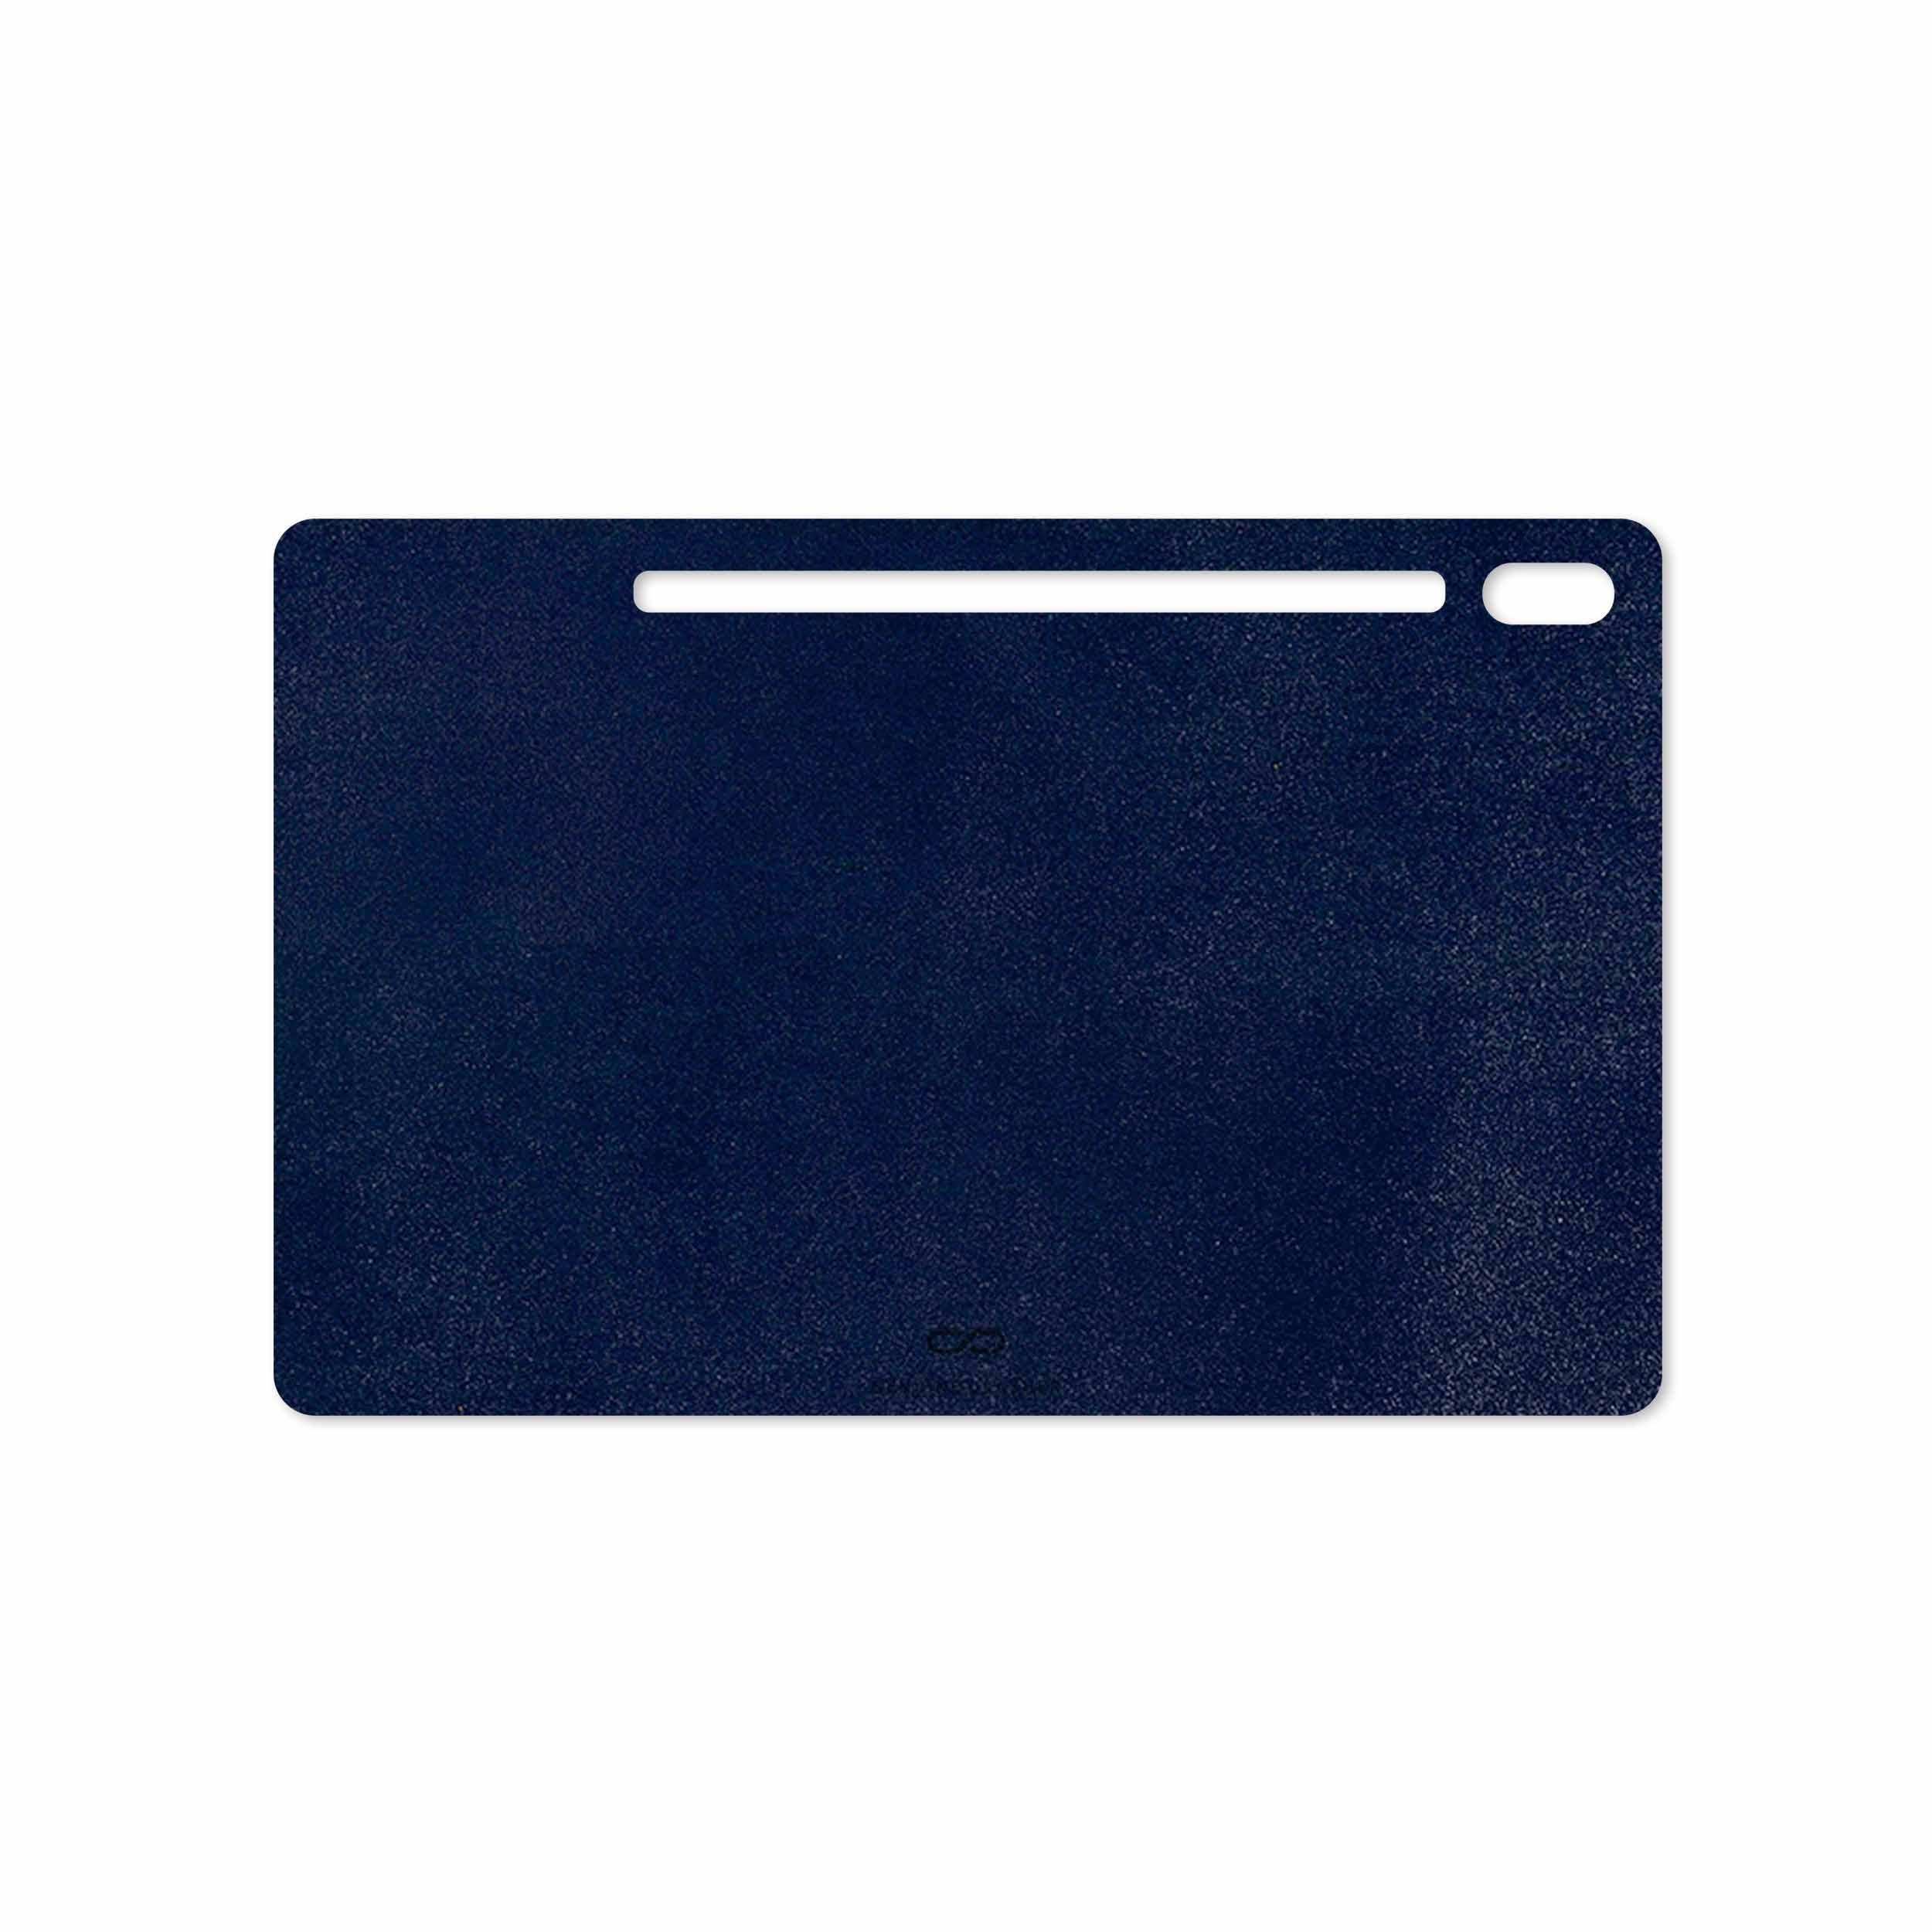 بررسی و خرید [با تخفیف]                                     برچسب پوششی ماهوت مدل Deep-Blue-Leather مناسب برای تبلت سامسونگ Galaxy Tab S6 2019 SM-T860                             اورجینال